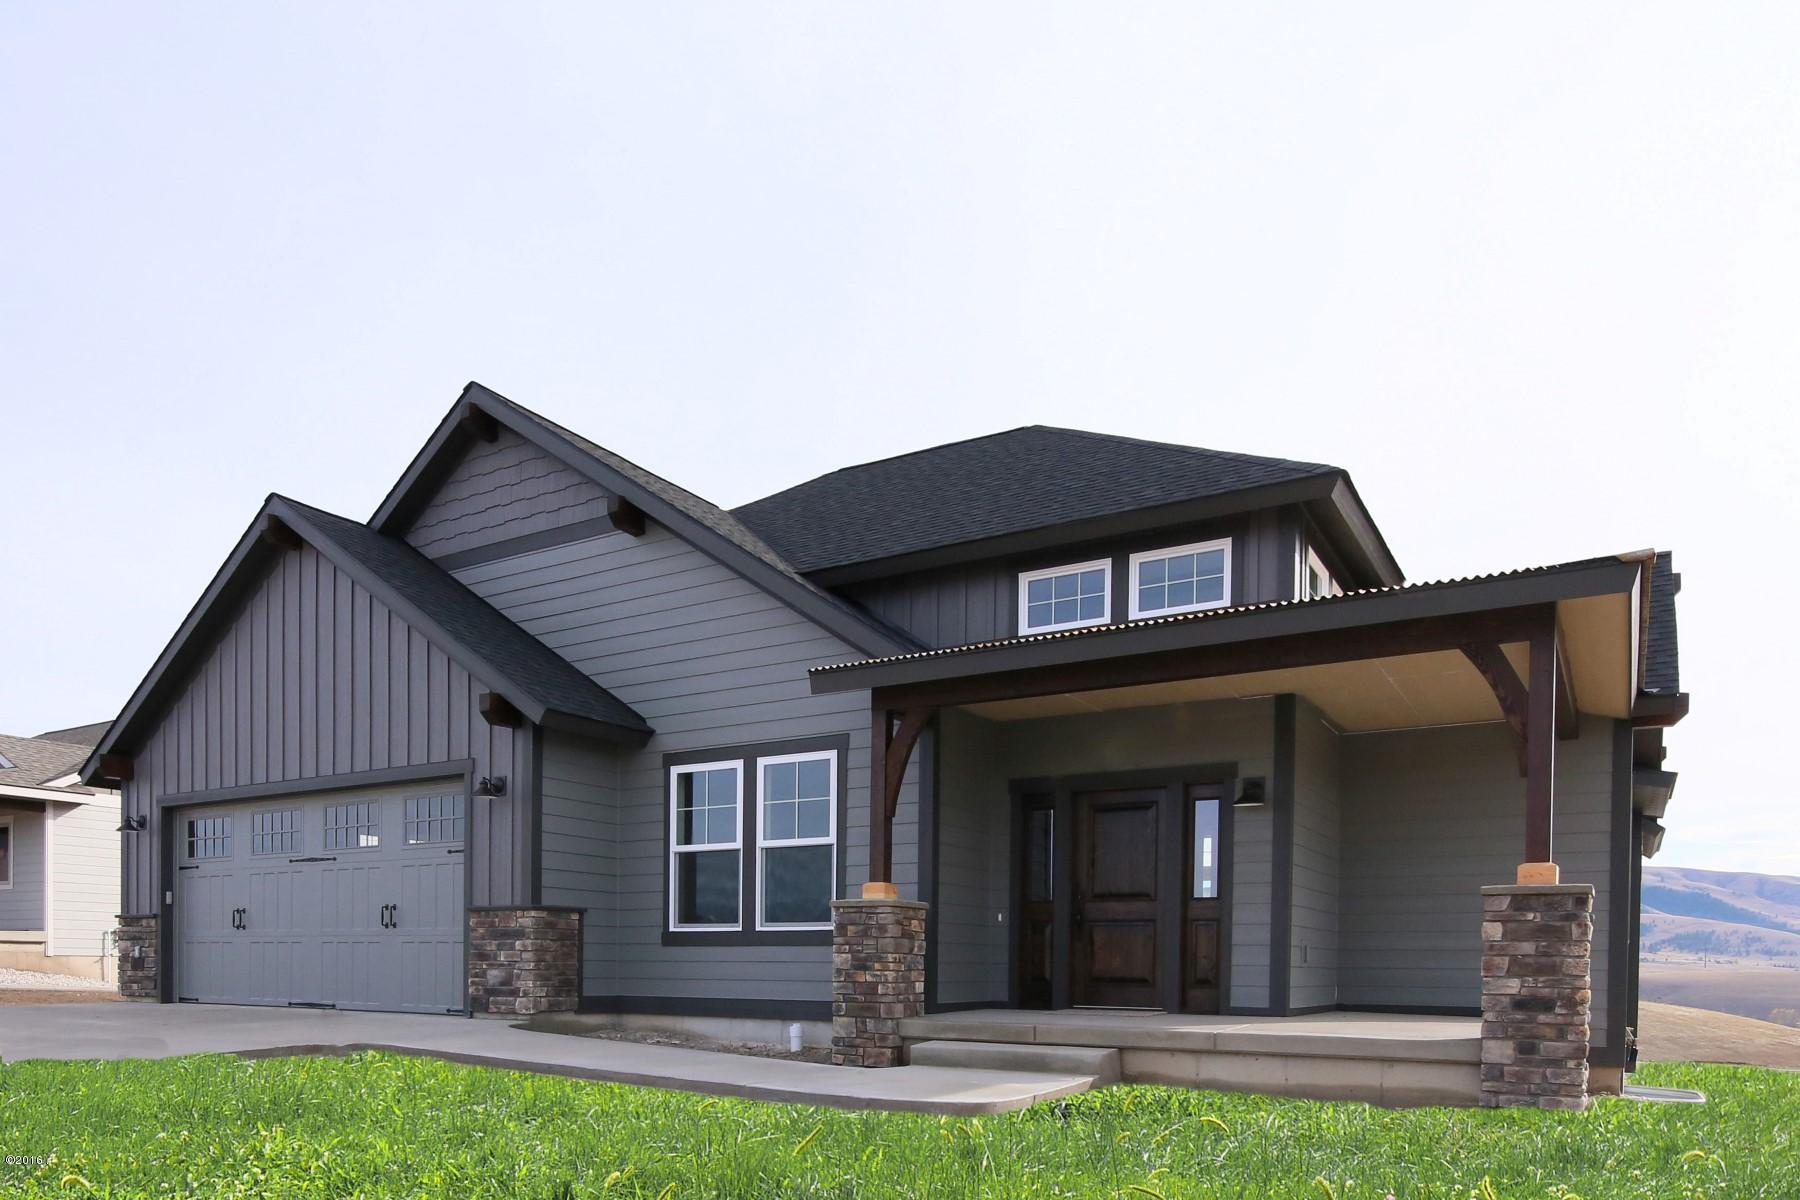 2726 Bunkhouse Place Lot 163, Missoula, MT 59808